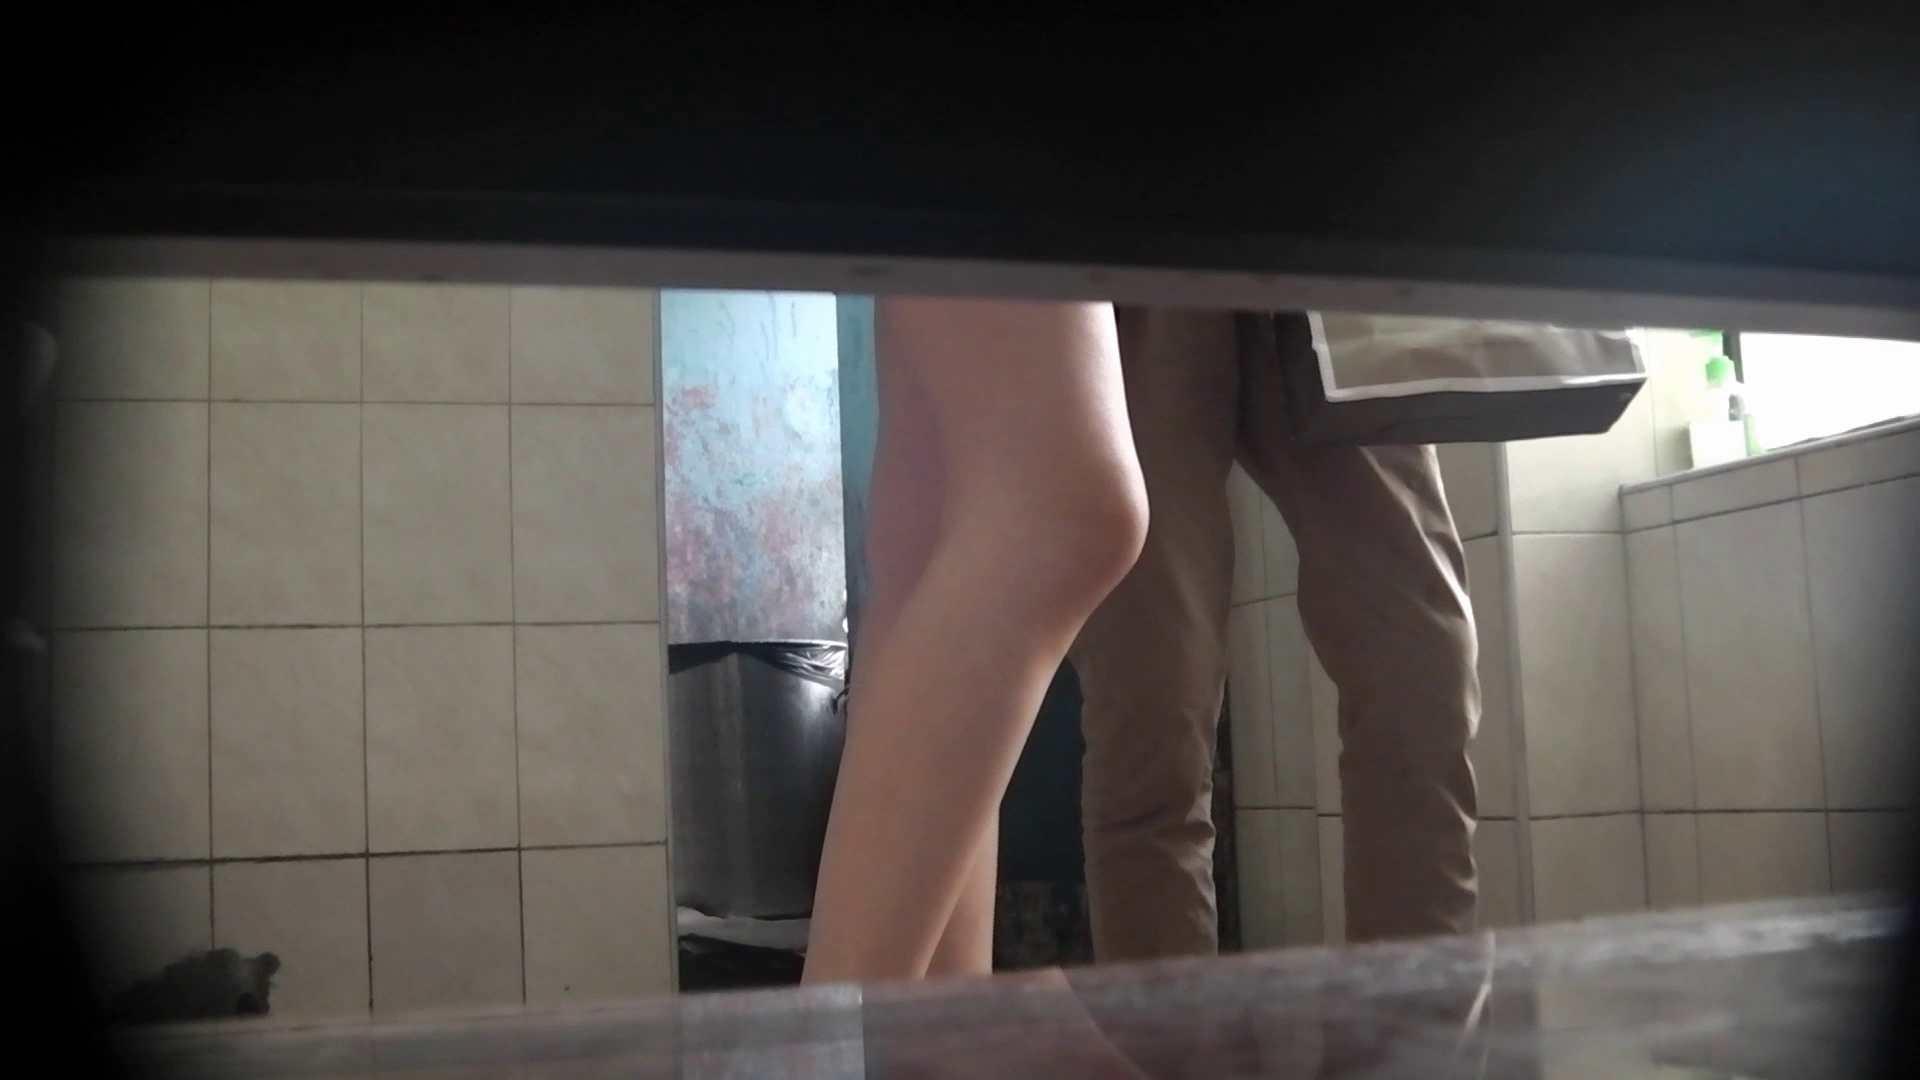 世界の射窓から ステーション編 vol.4 シャワー室 | ギャル攻め  106画像 11